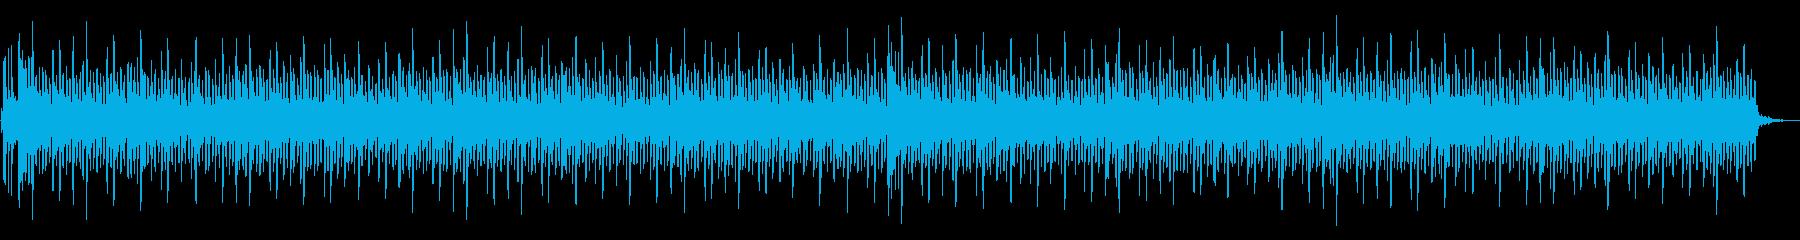 夜の雰囲気に合いそうなBGMの再生済みの波形